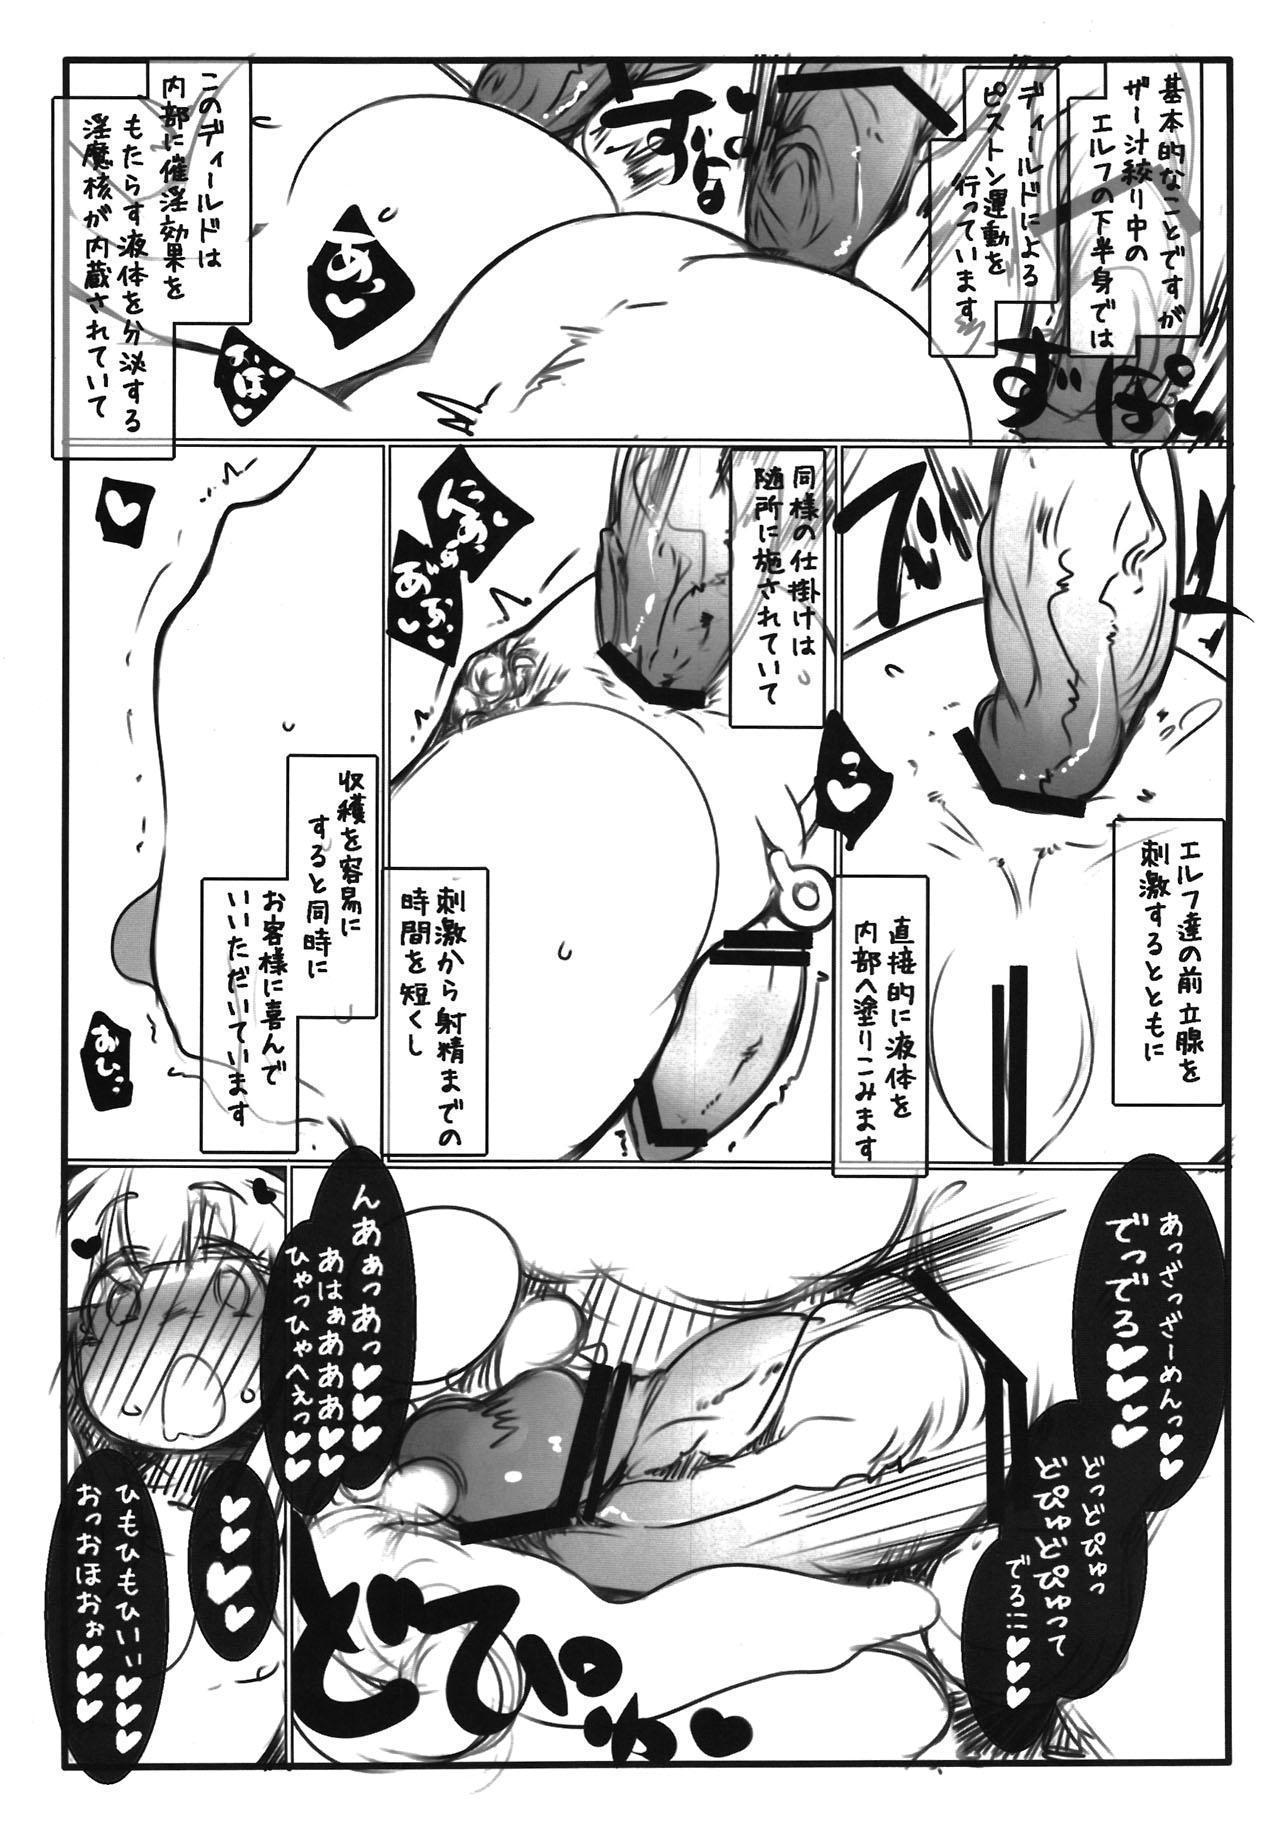 Elf Bokujou - SeJiru Shibori Taiken Hen 4